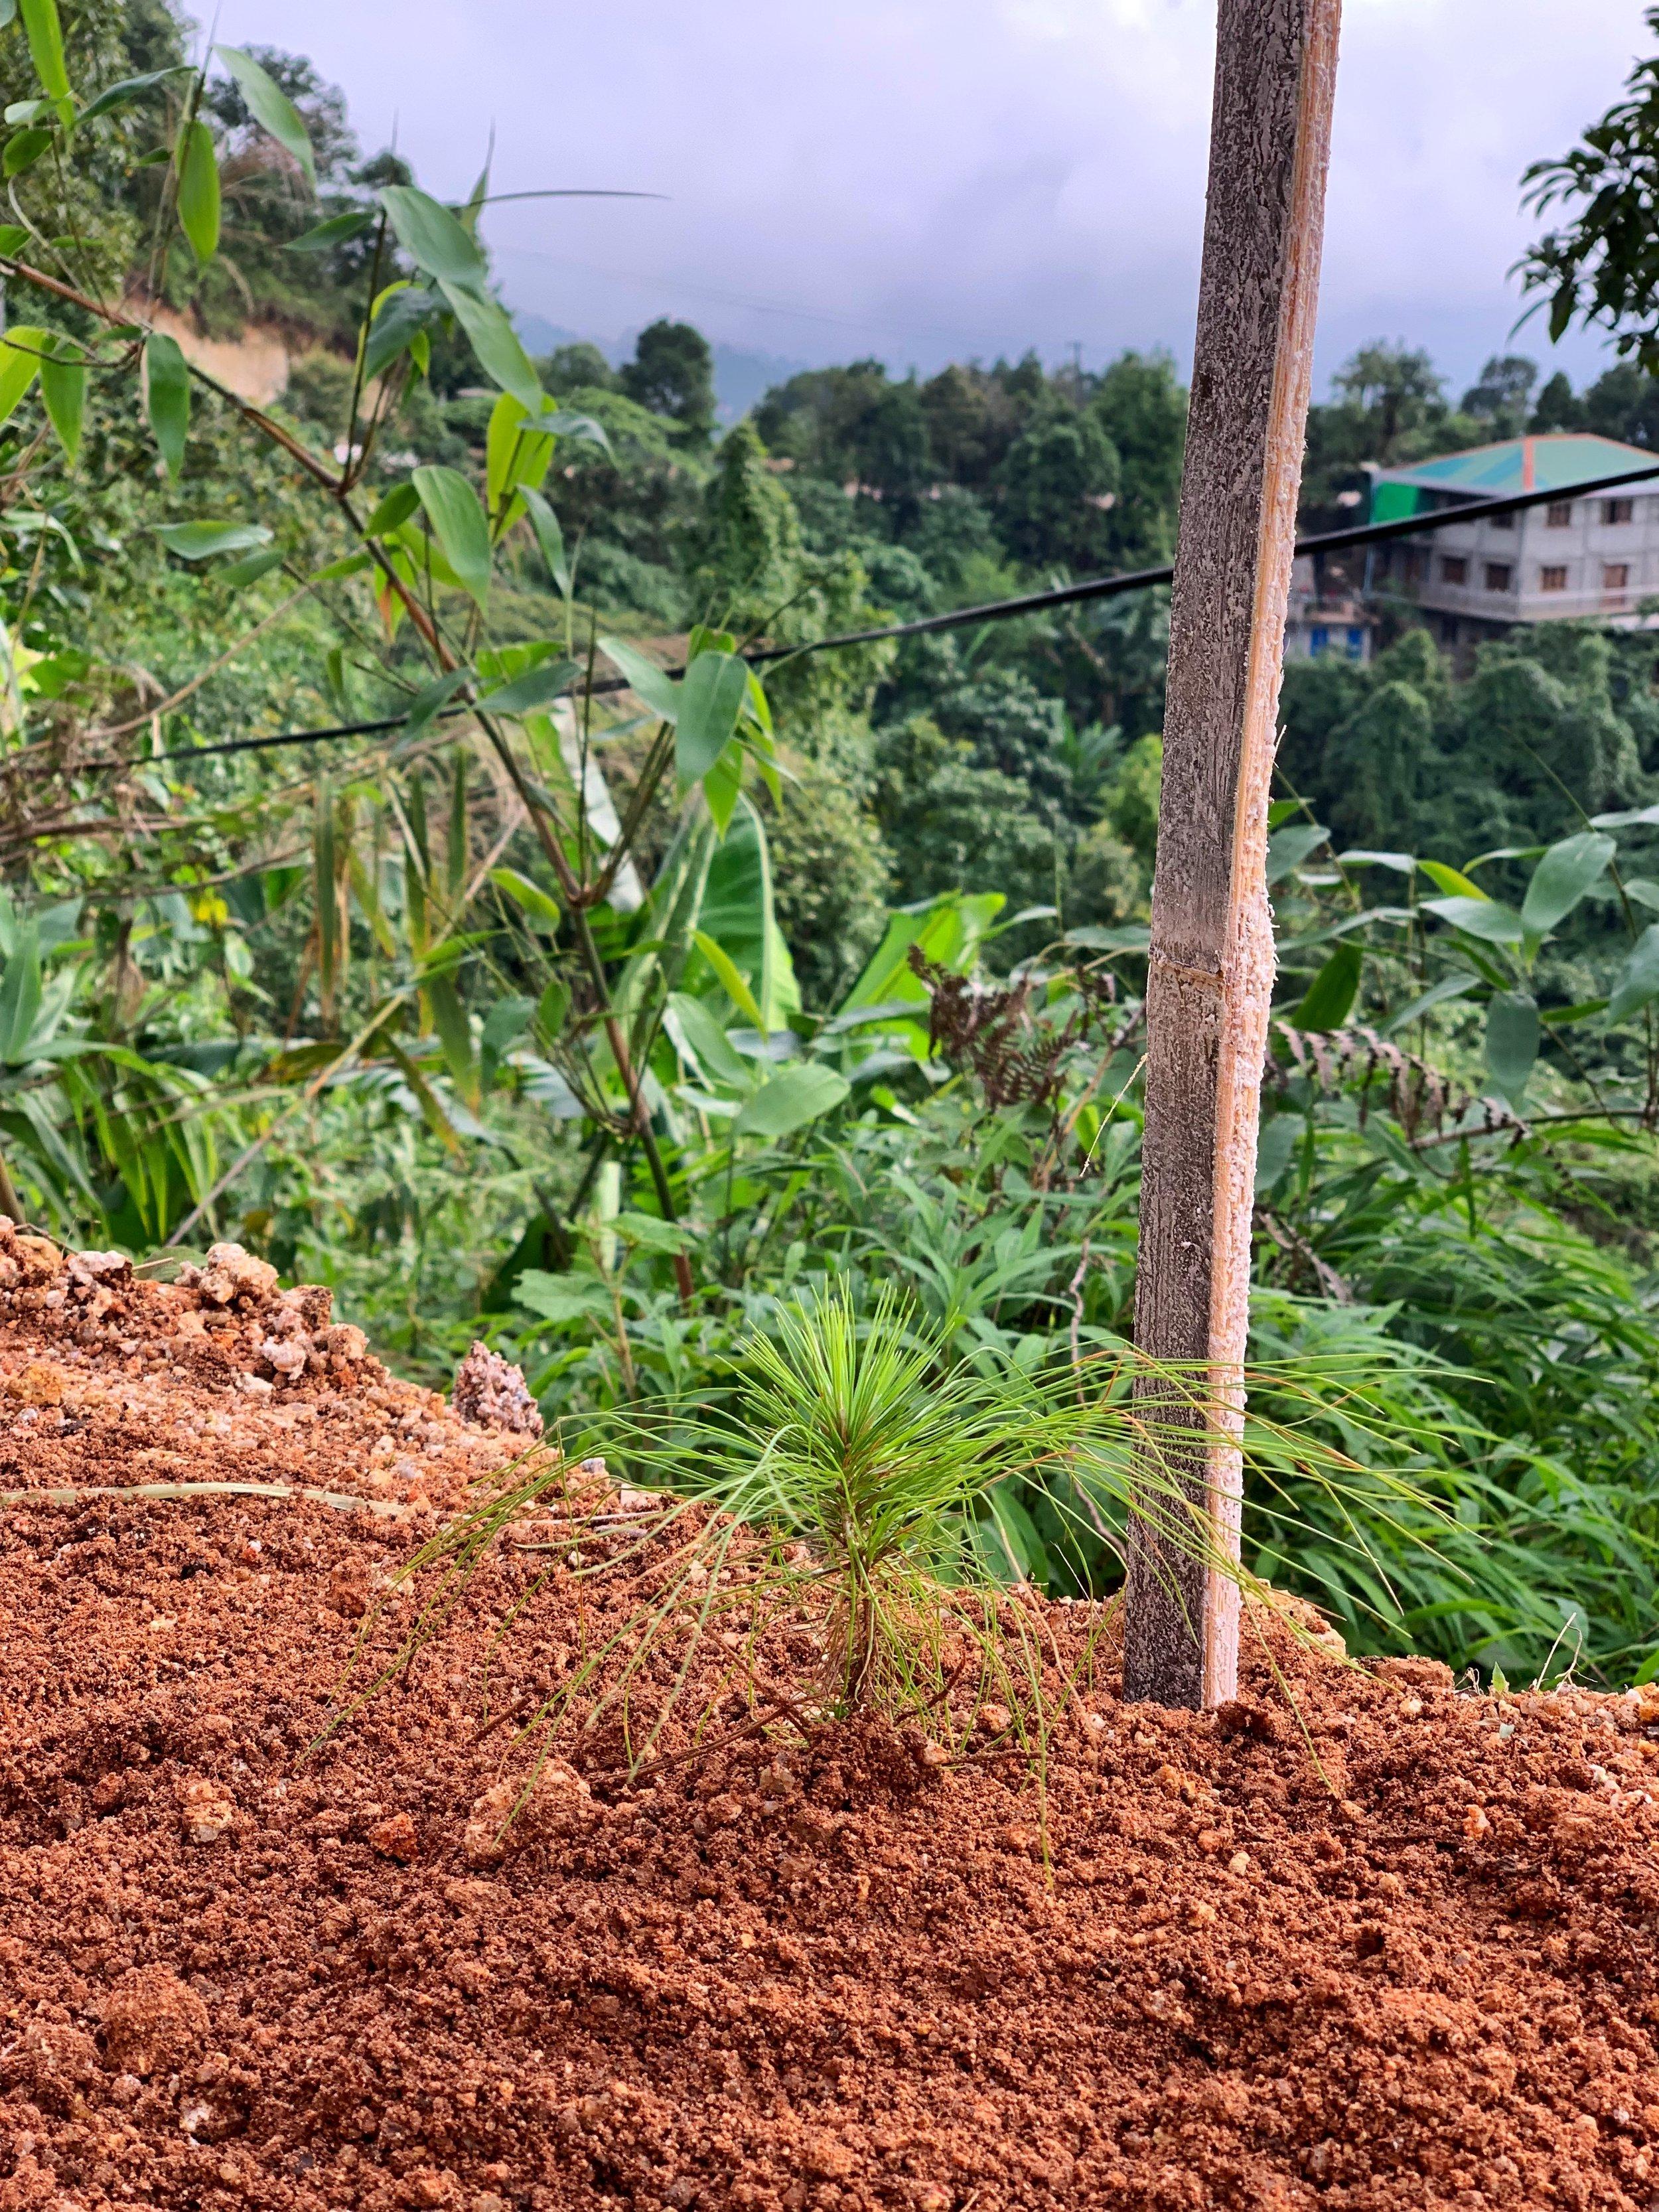 thandaunggyi myanmar tree planting